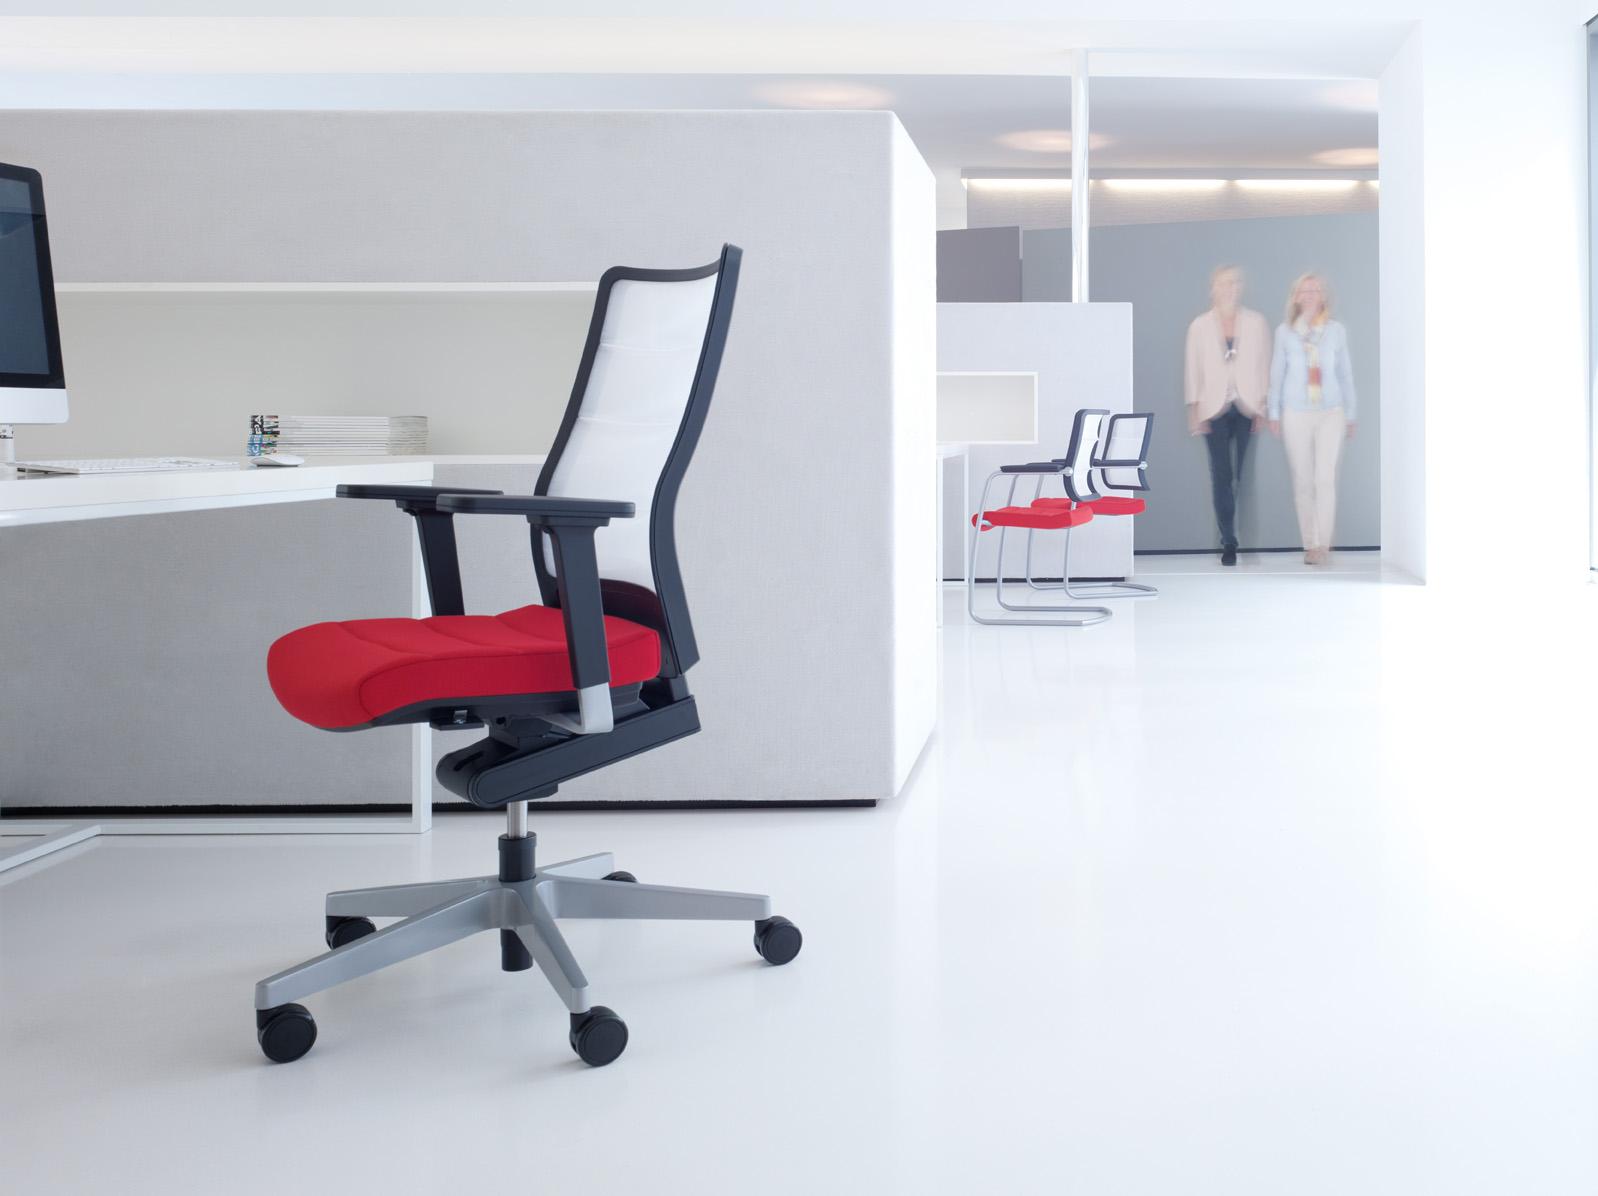 Bureaustoel Waar Op Letten.Waar Moet Je Op Letten Bij De Aanschaf Van Een Bureaustoel